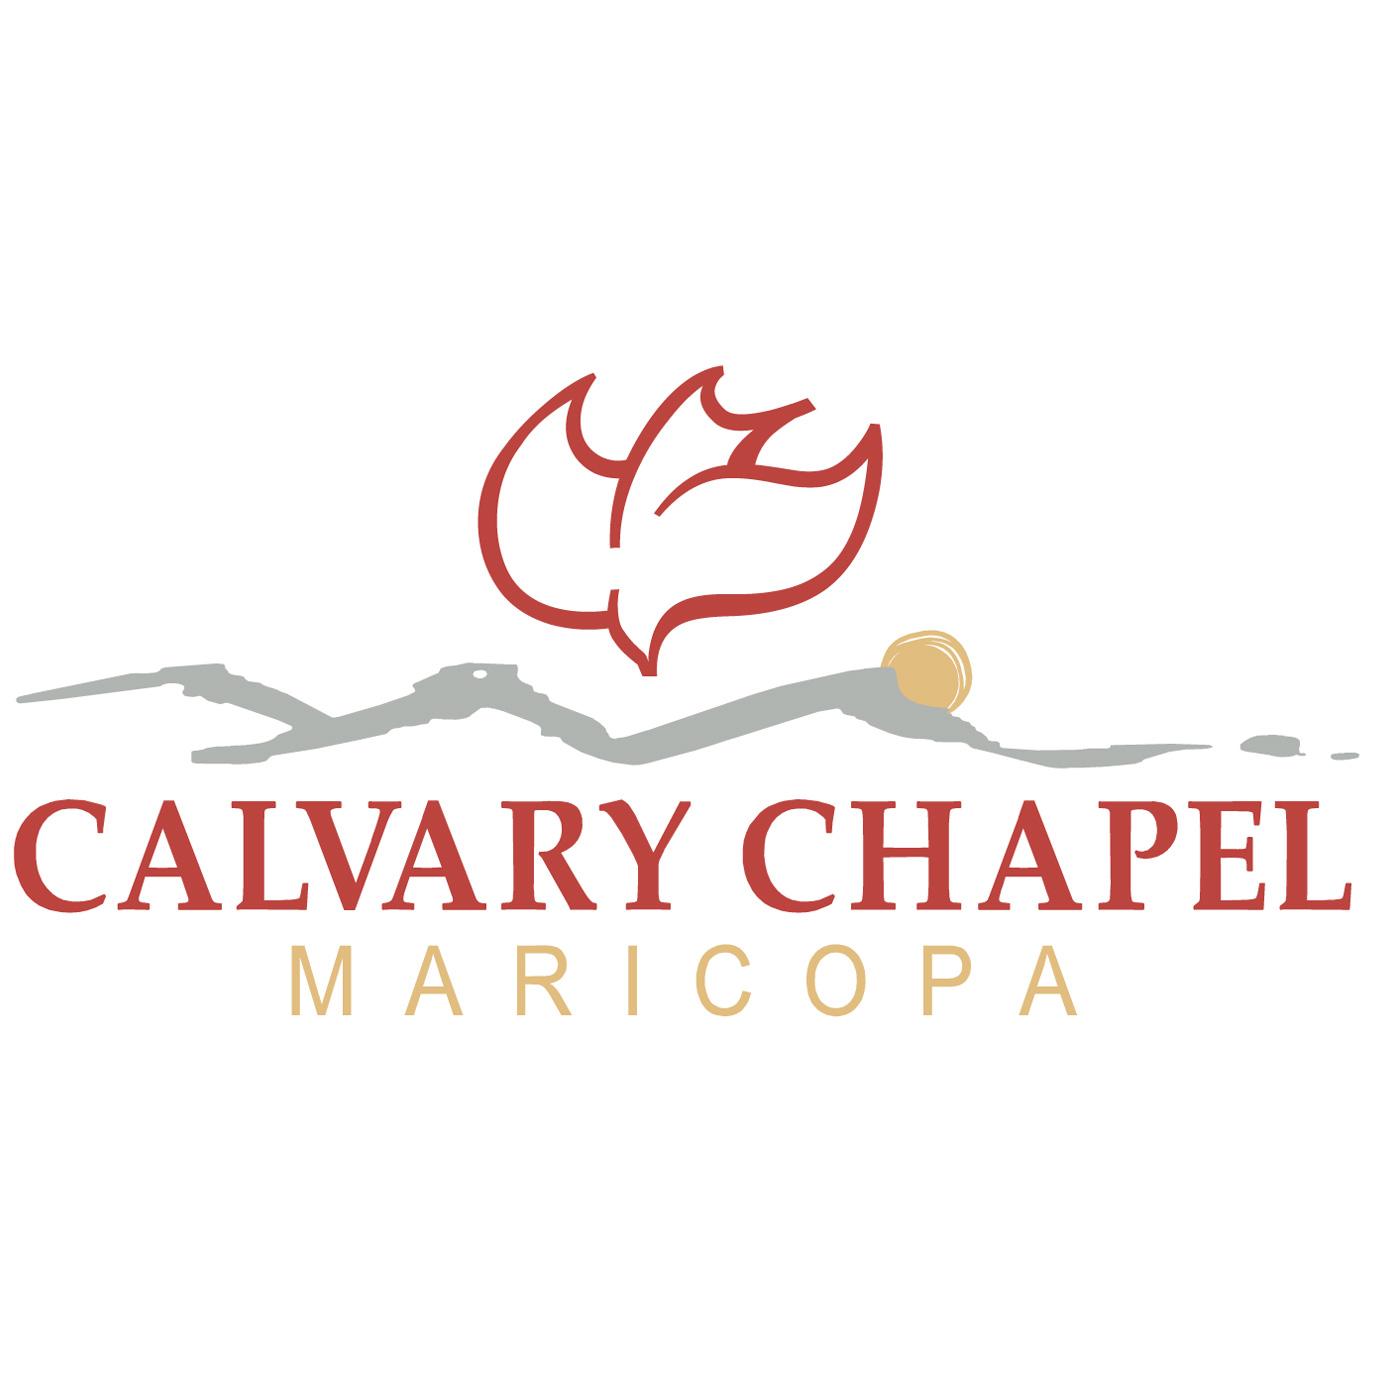 Calvary Chapel Maricopa